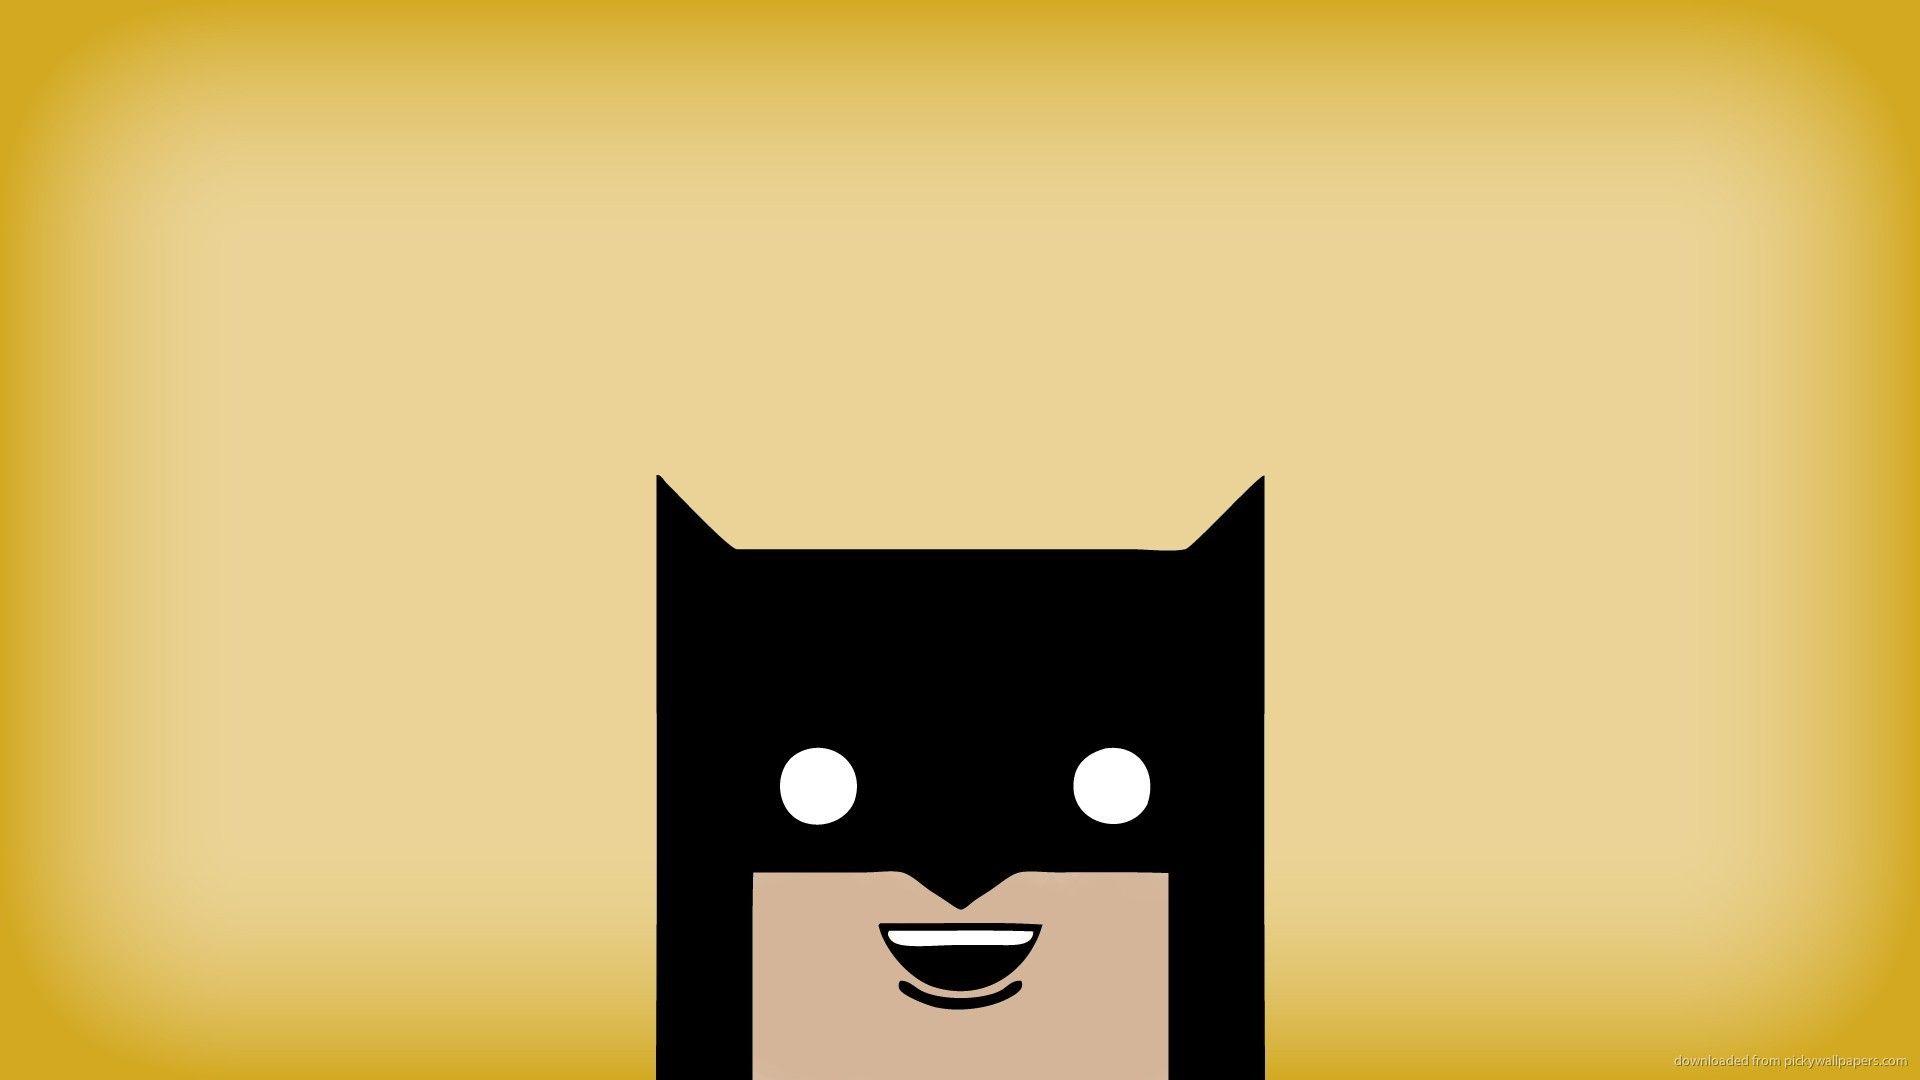 Hình nền cute dễ thương của Batman